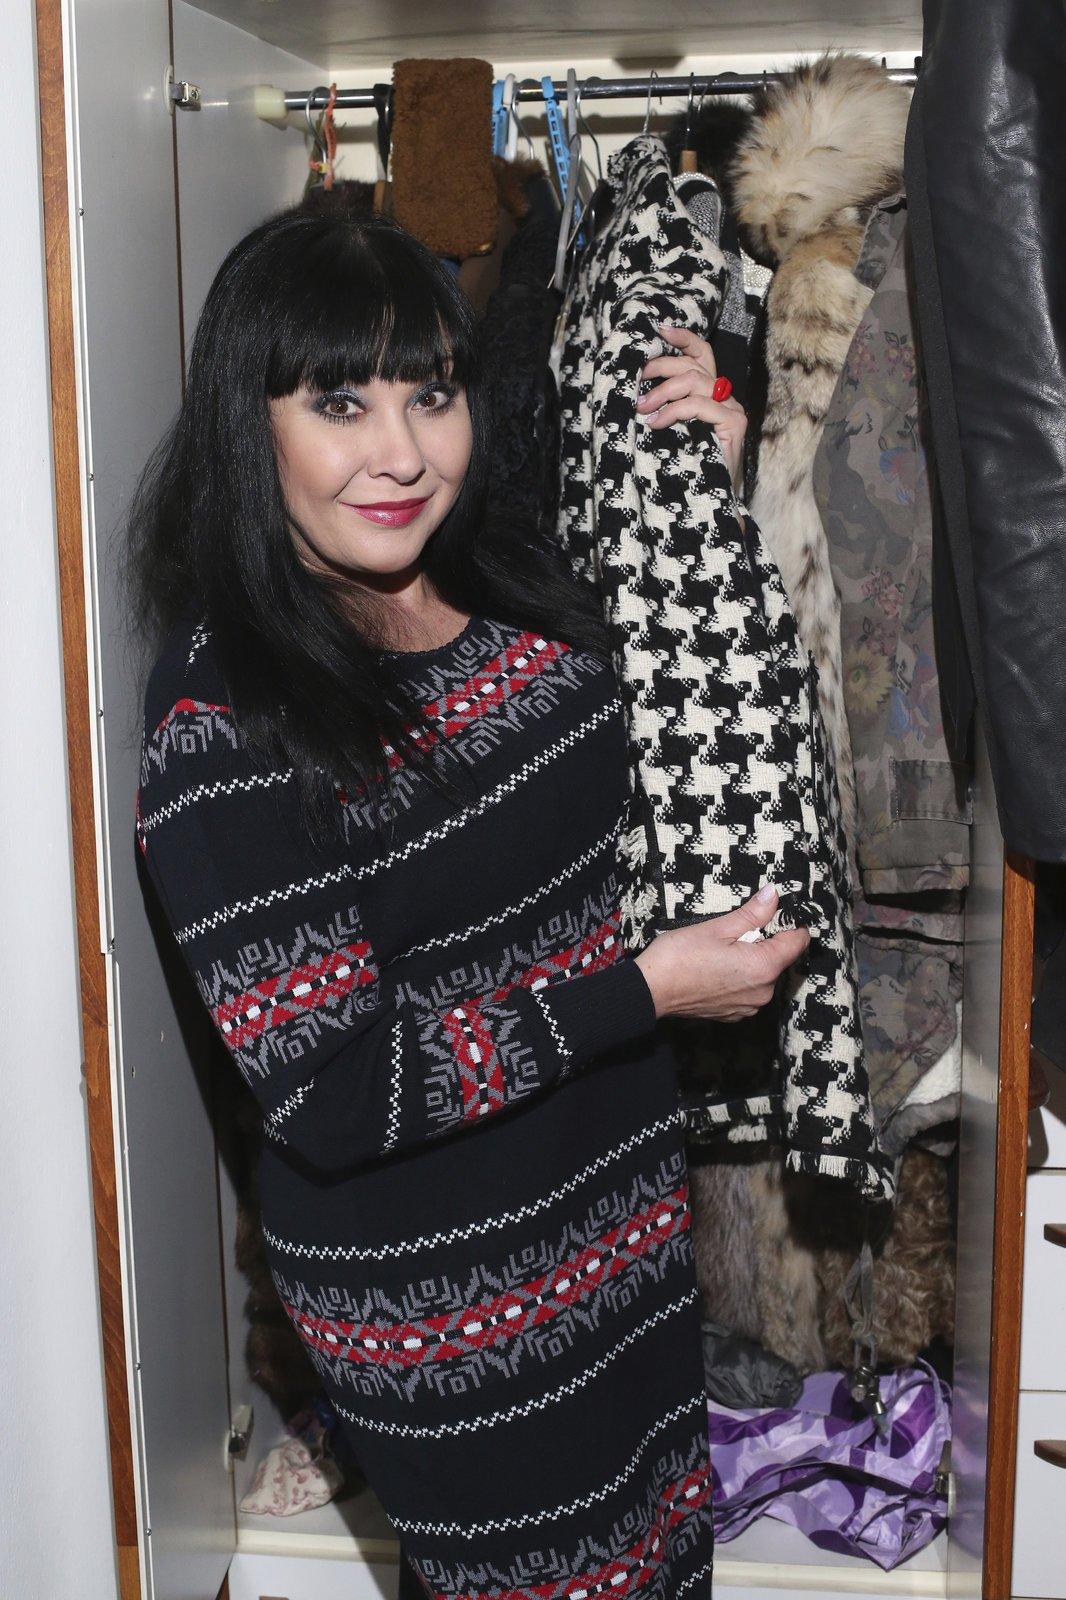 """Vánoční model: Úpletové šaty jsou z dílny beaty Rajské: """"Když mě viděla dcera Anička, hned mi ty šaty vyčetla, protože mají její oblíbený vzor. Takže je pravděpodobné, že je nebudu nosit sama. Říkám jim mikulášské nebo vánoční."""""""